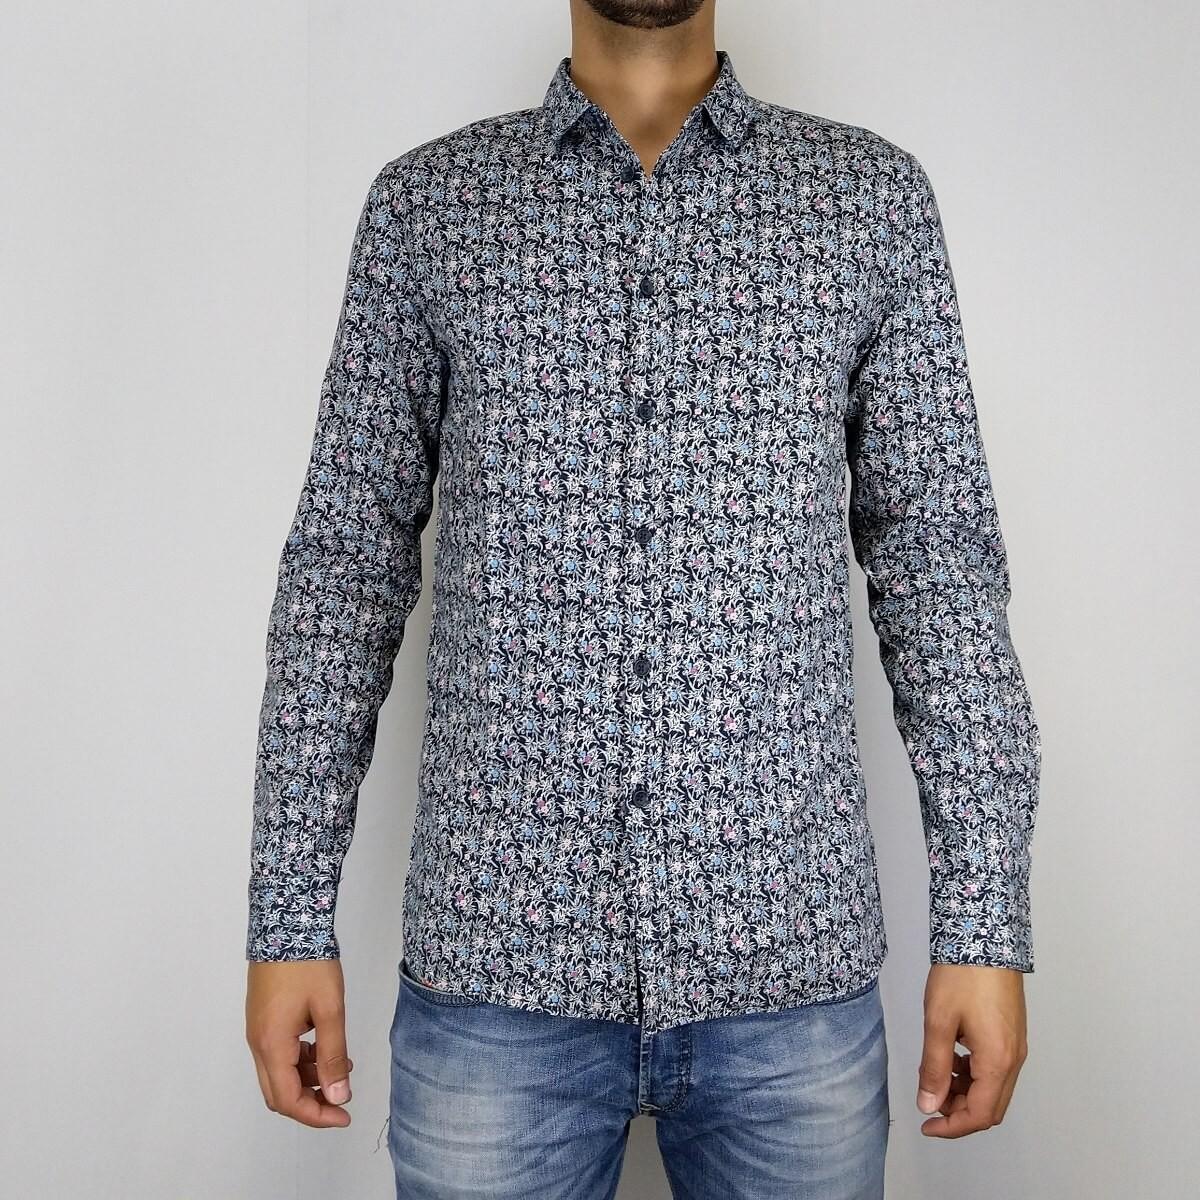 Afbeelding van Anerkjendt Django shirt blauw